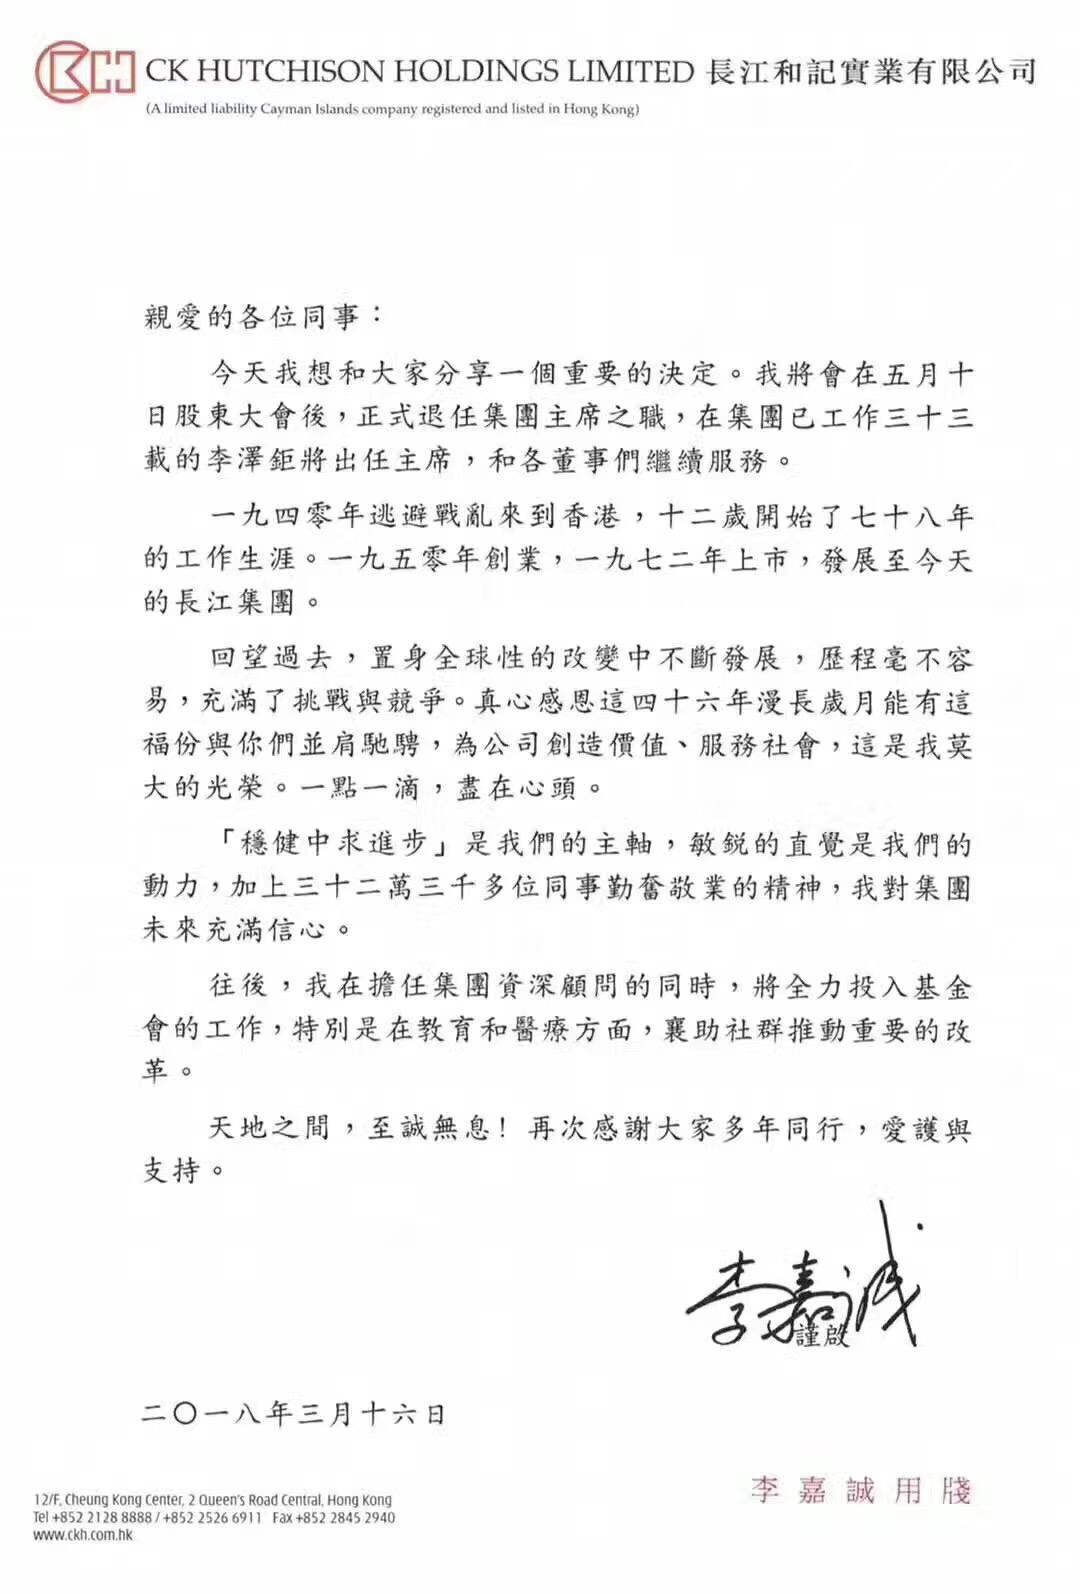 电子游戏网址大全:李嘉诚:今年将辞去汕头大学校董主席,李泽楷绝不会加入长和